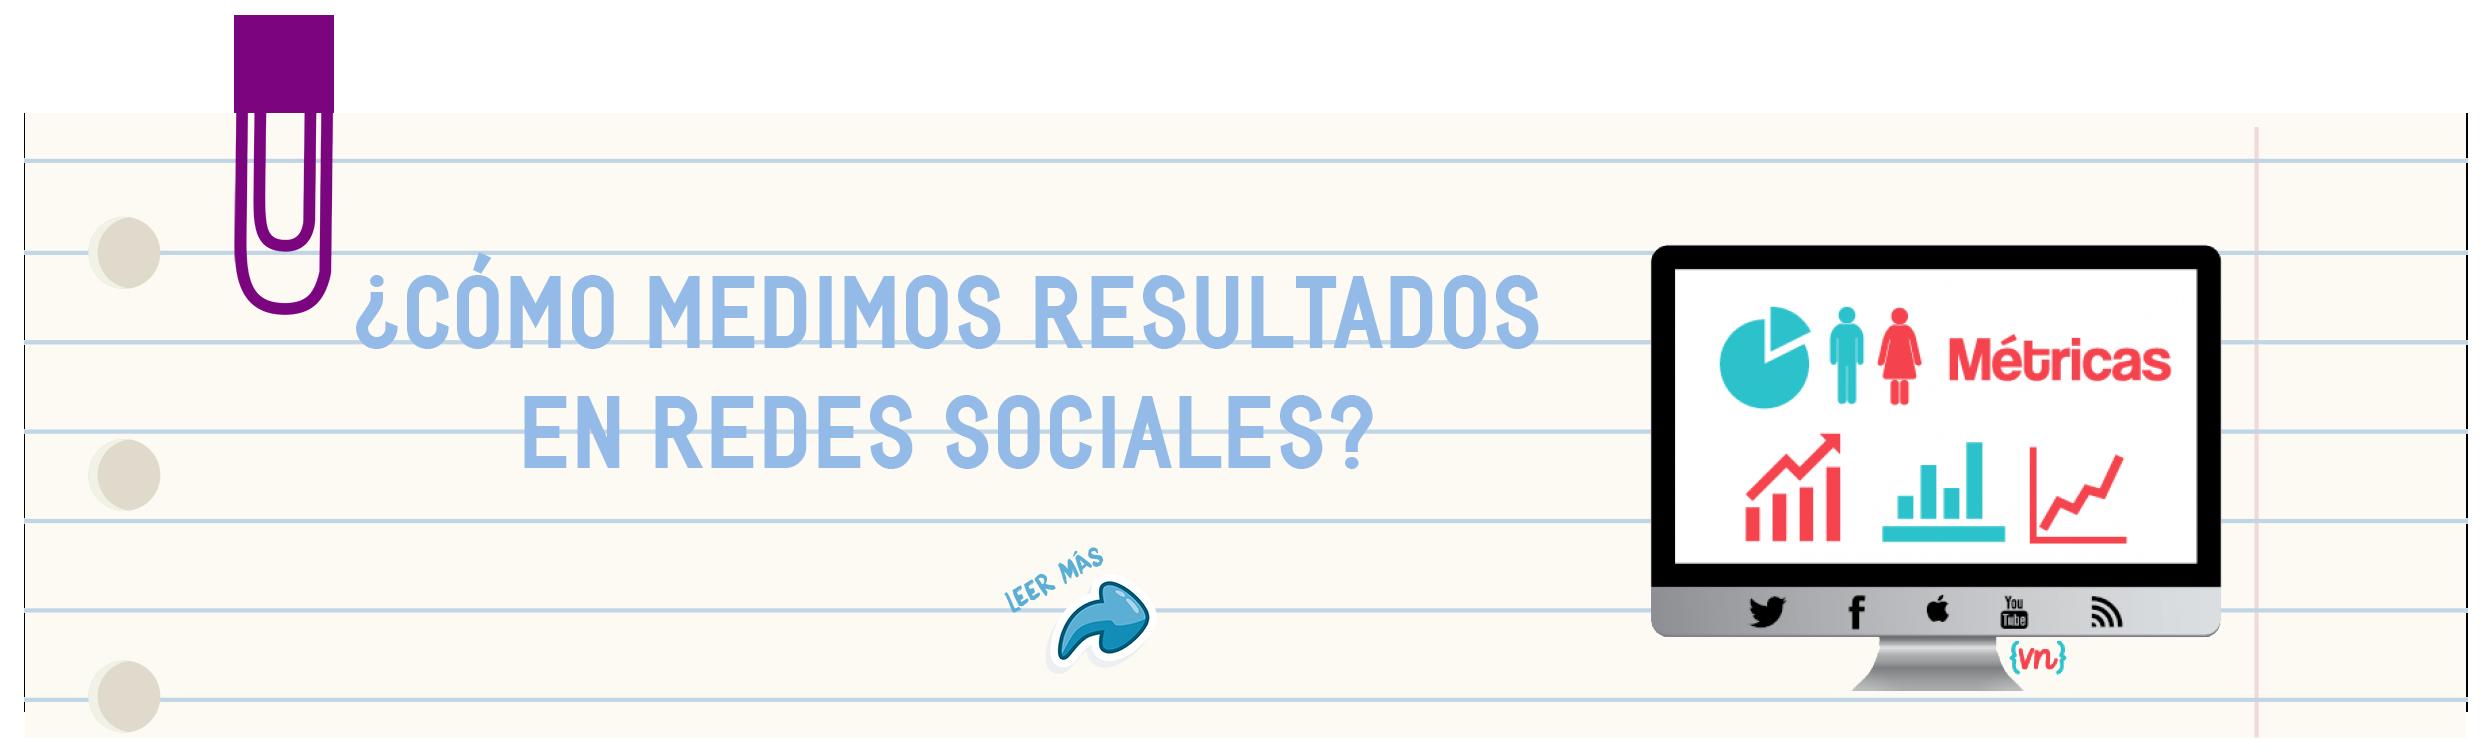 ¿Cómo medimos resultados en redes sociales?